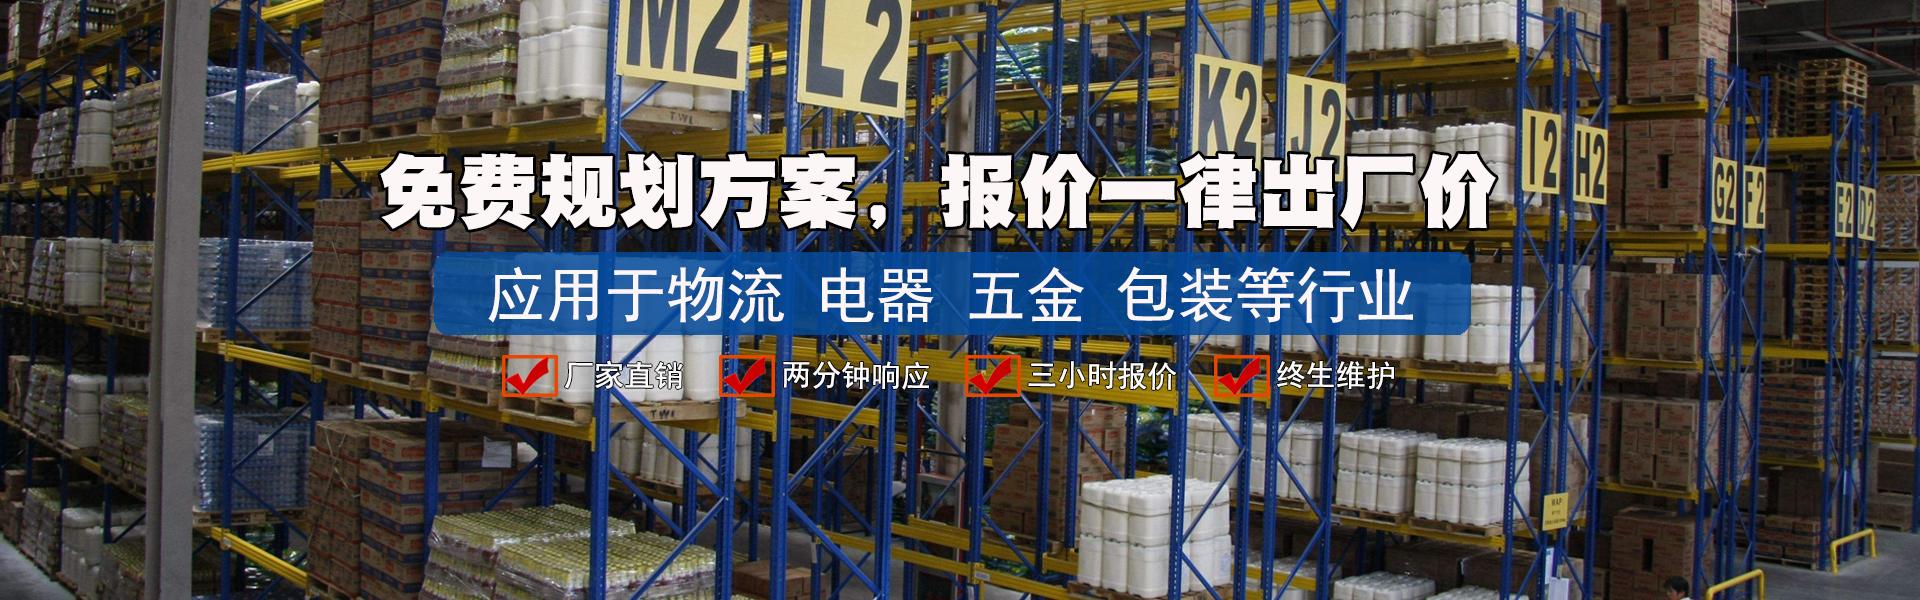 物流家具包装货柜仓库